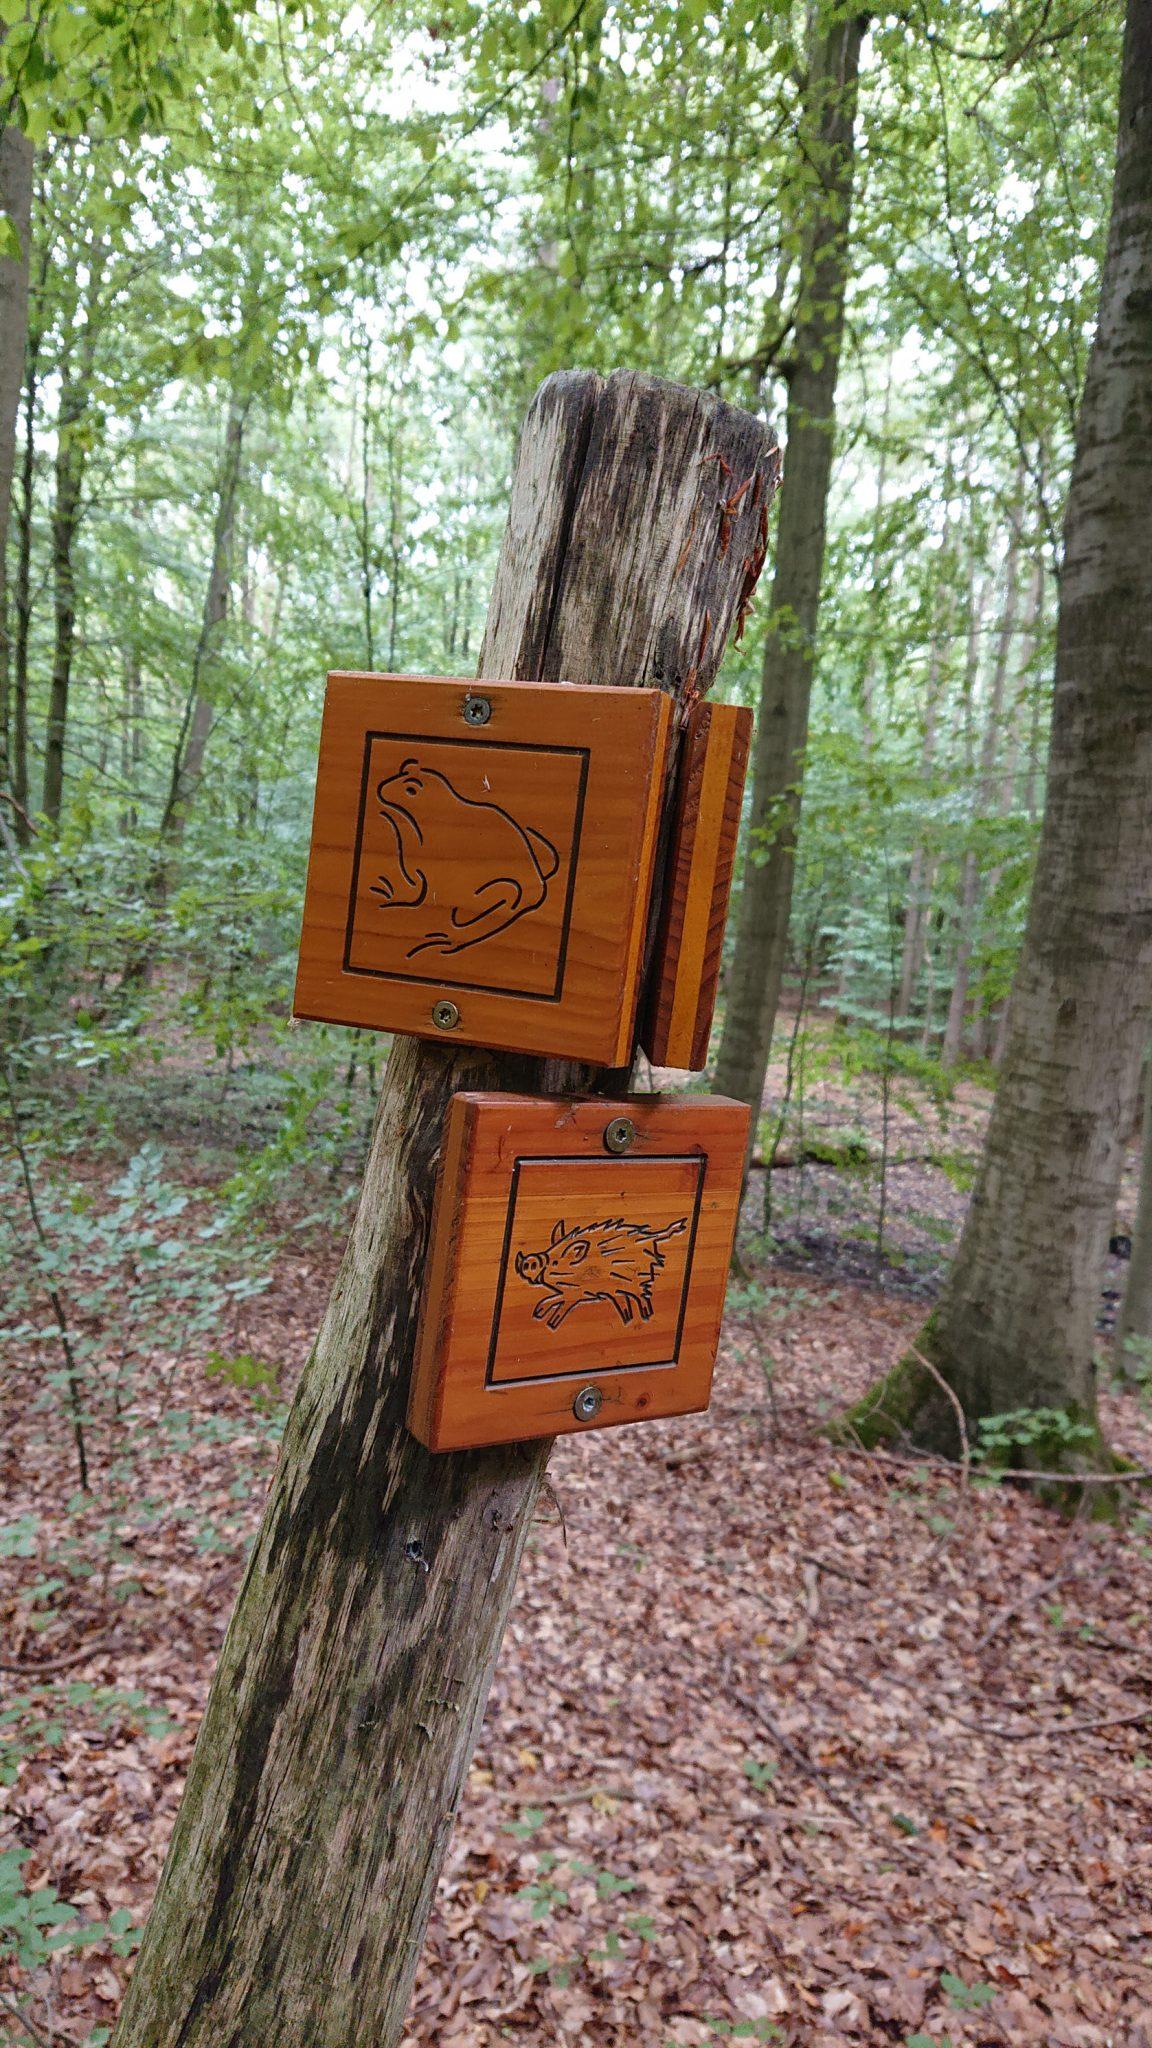 Nationalpark Hainich Saugrabenweg und Betteleichenweg wandern, Wegmarkierung mit Bildern von Tieren als Orientierung